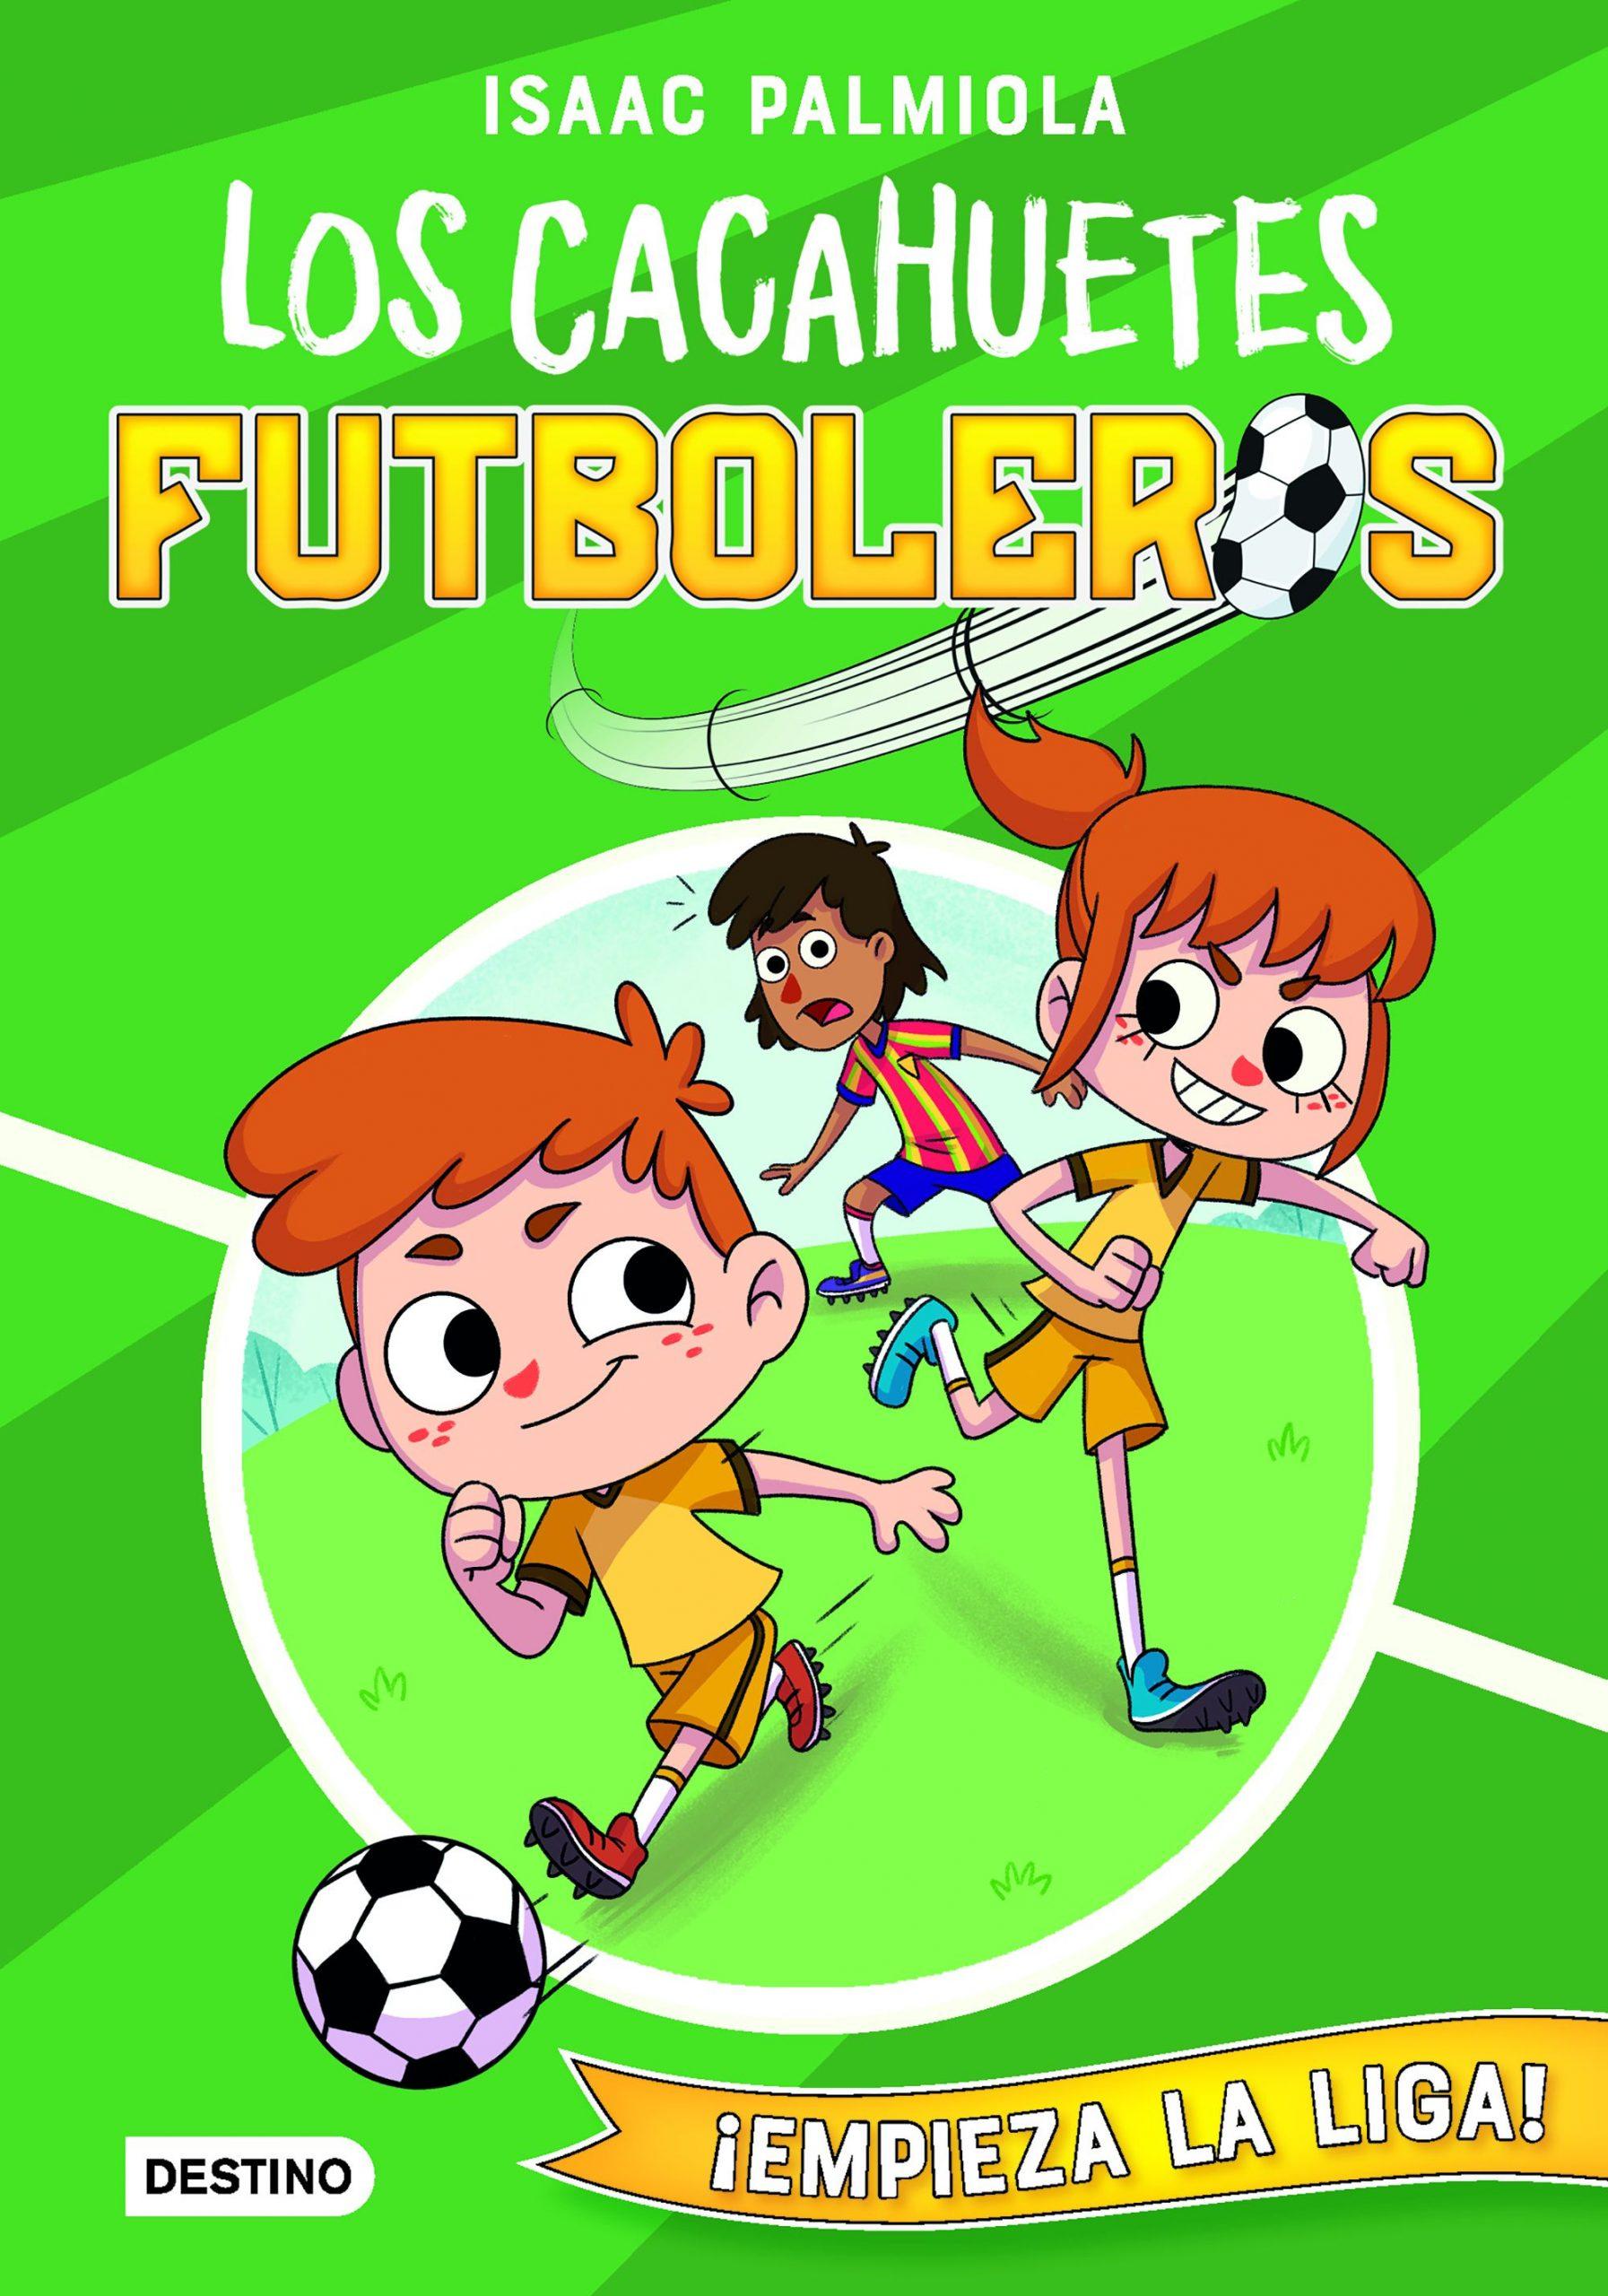 Los Cacahuetes Futboleros